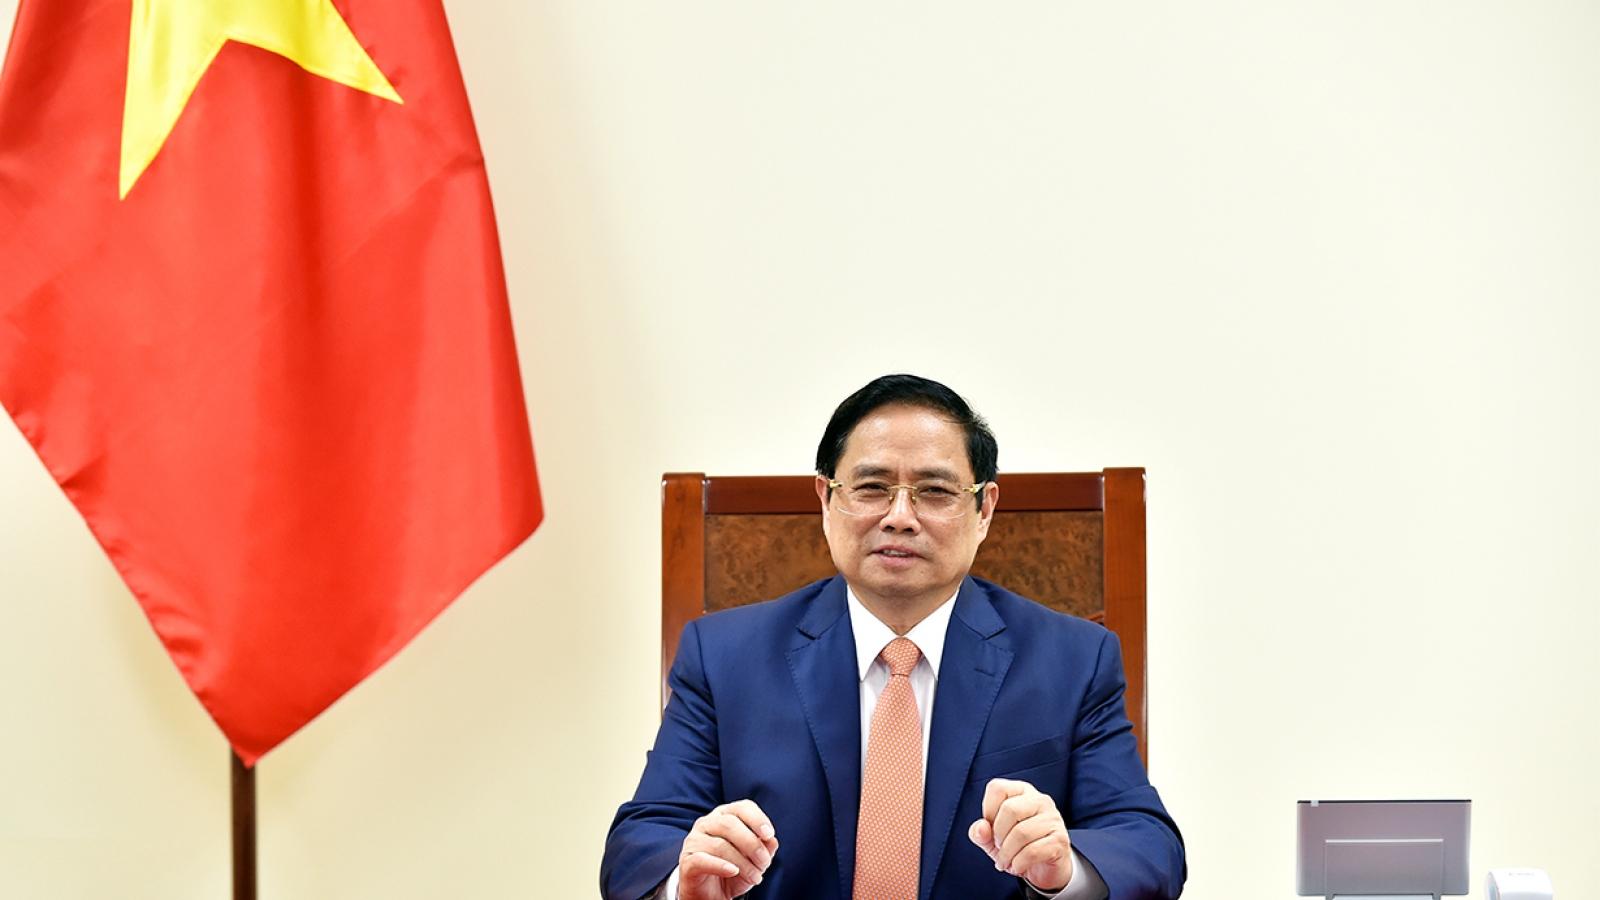 Thủ tướng Phạm Minh Chính: Việt Nam luôn coi trọng quan hệ đối tác chiến lược với Đức